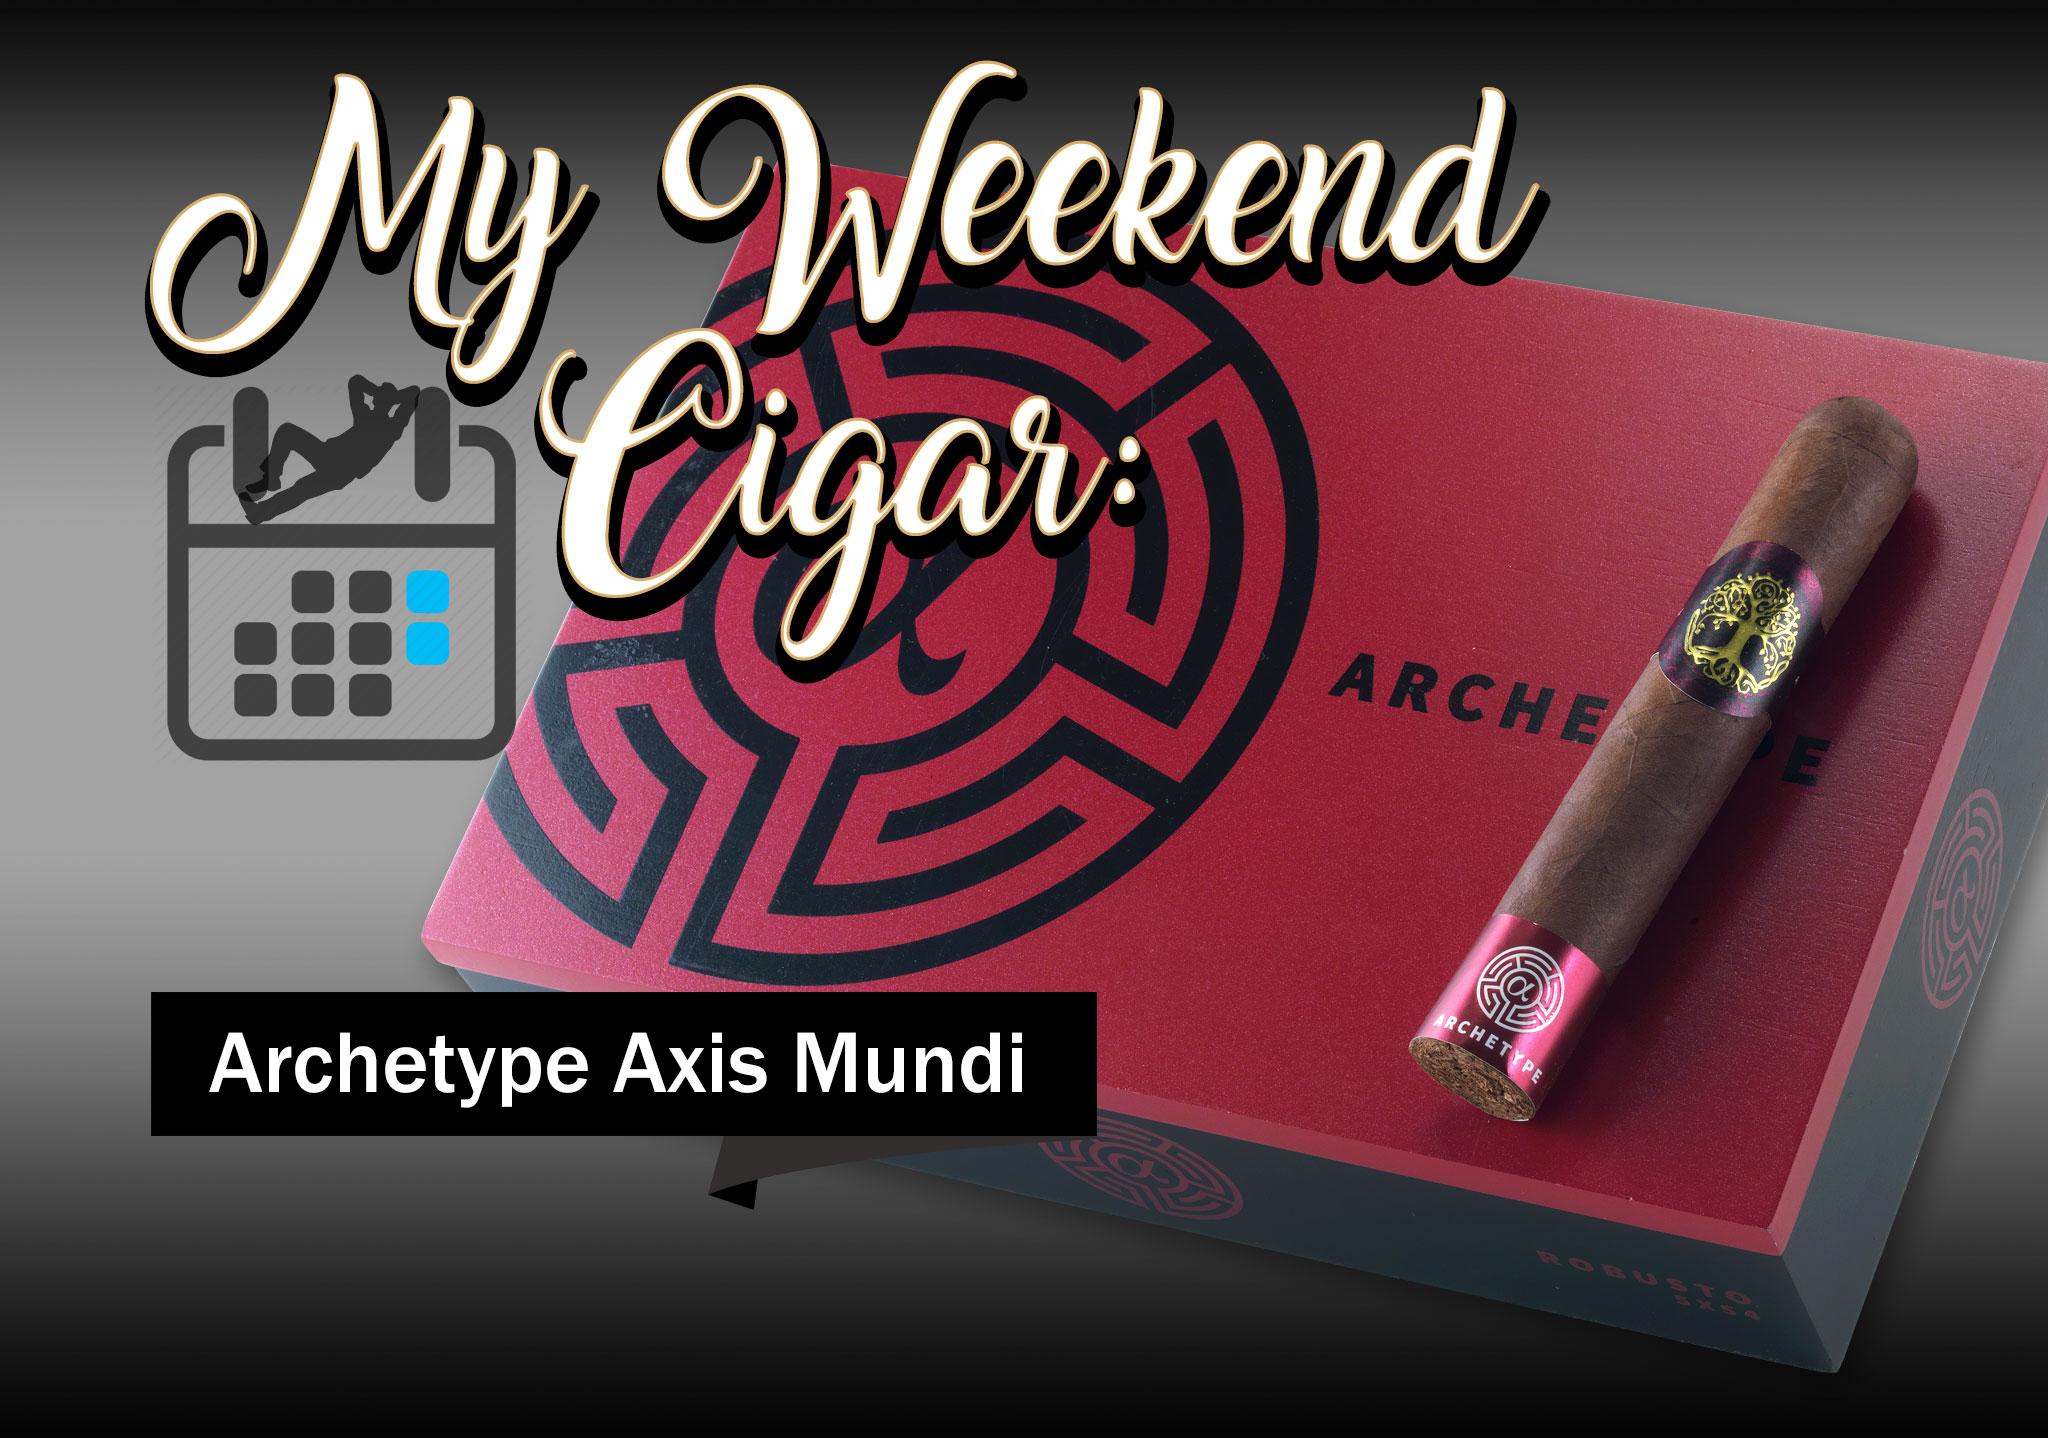 My Weekend Cigar: Mar. 19, 2018 – Archetype Axis Mundi Toro